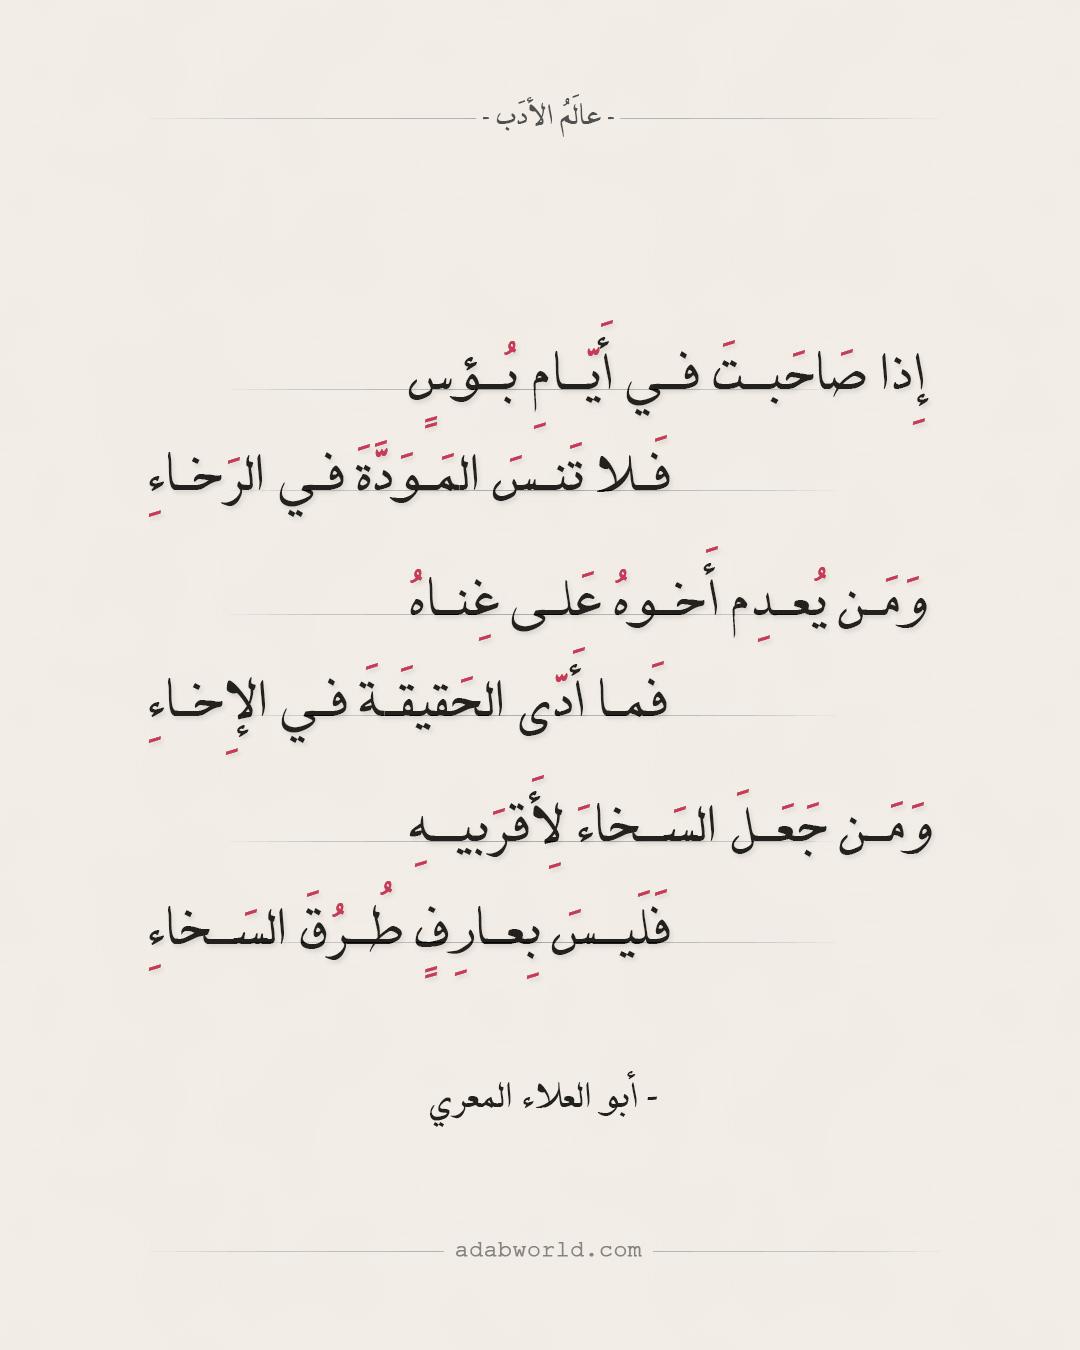 شعر أبو العلاء المعري - إذا صاحبت في أيام بؤس